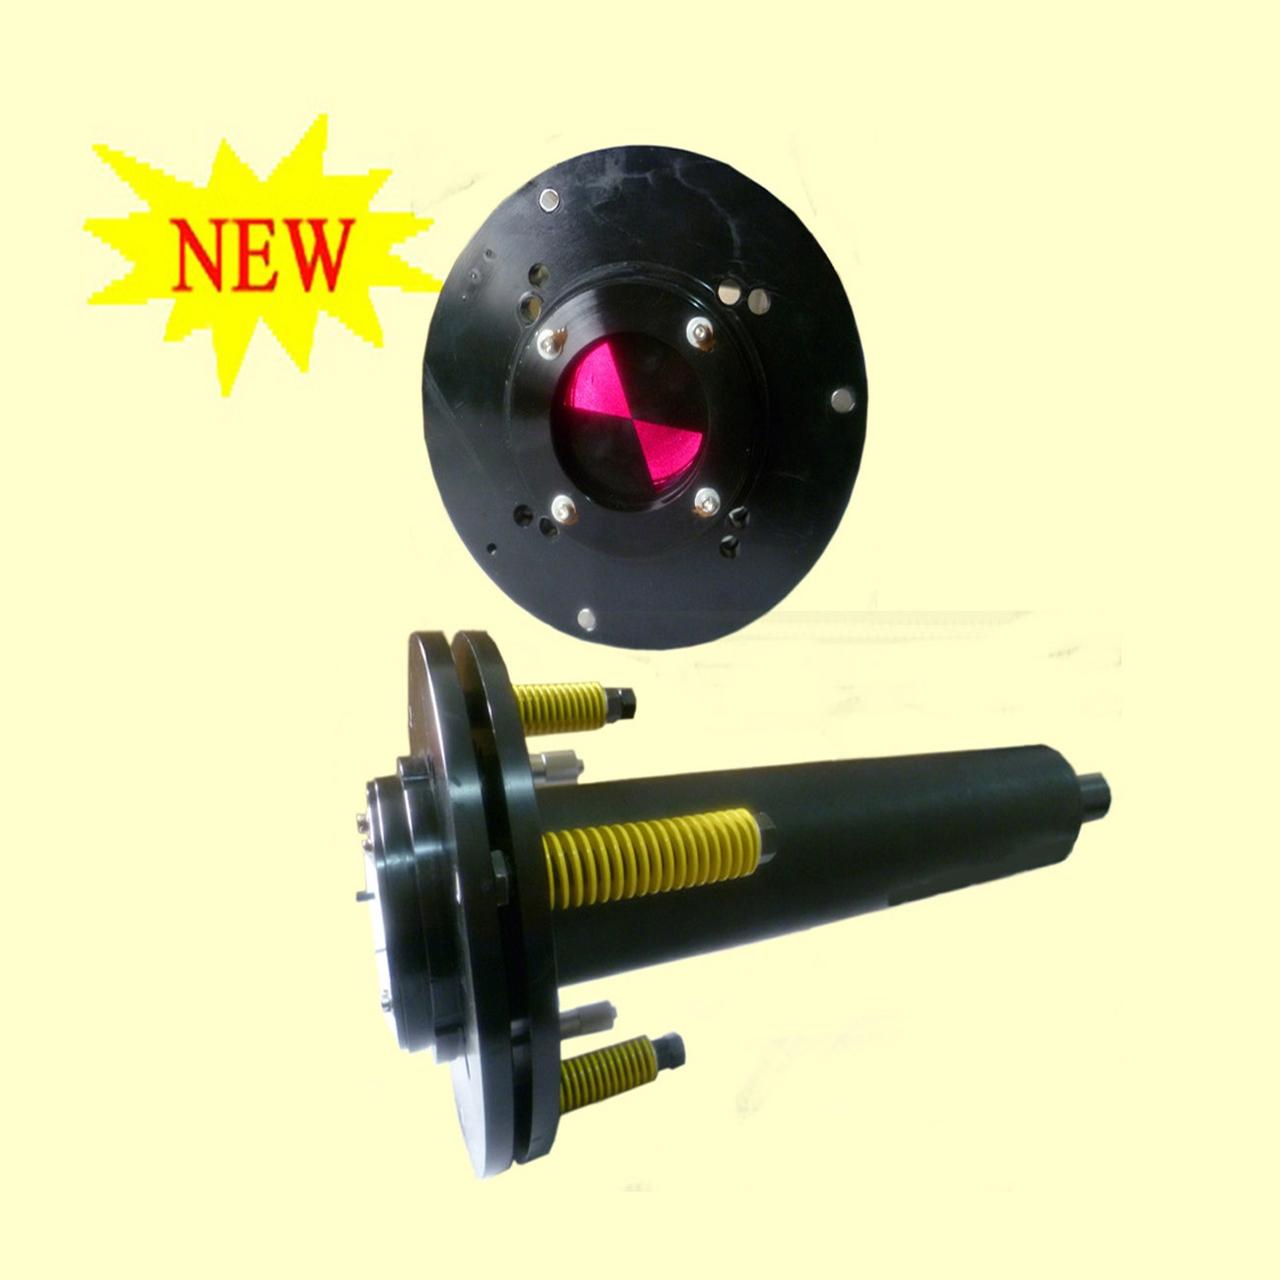 工业设同备轴性,直线性检测装置